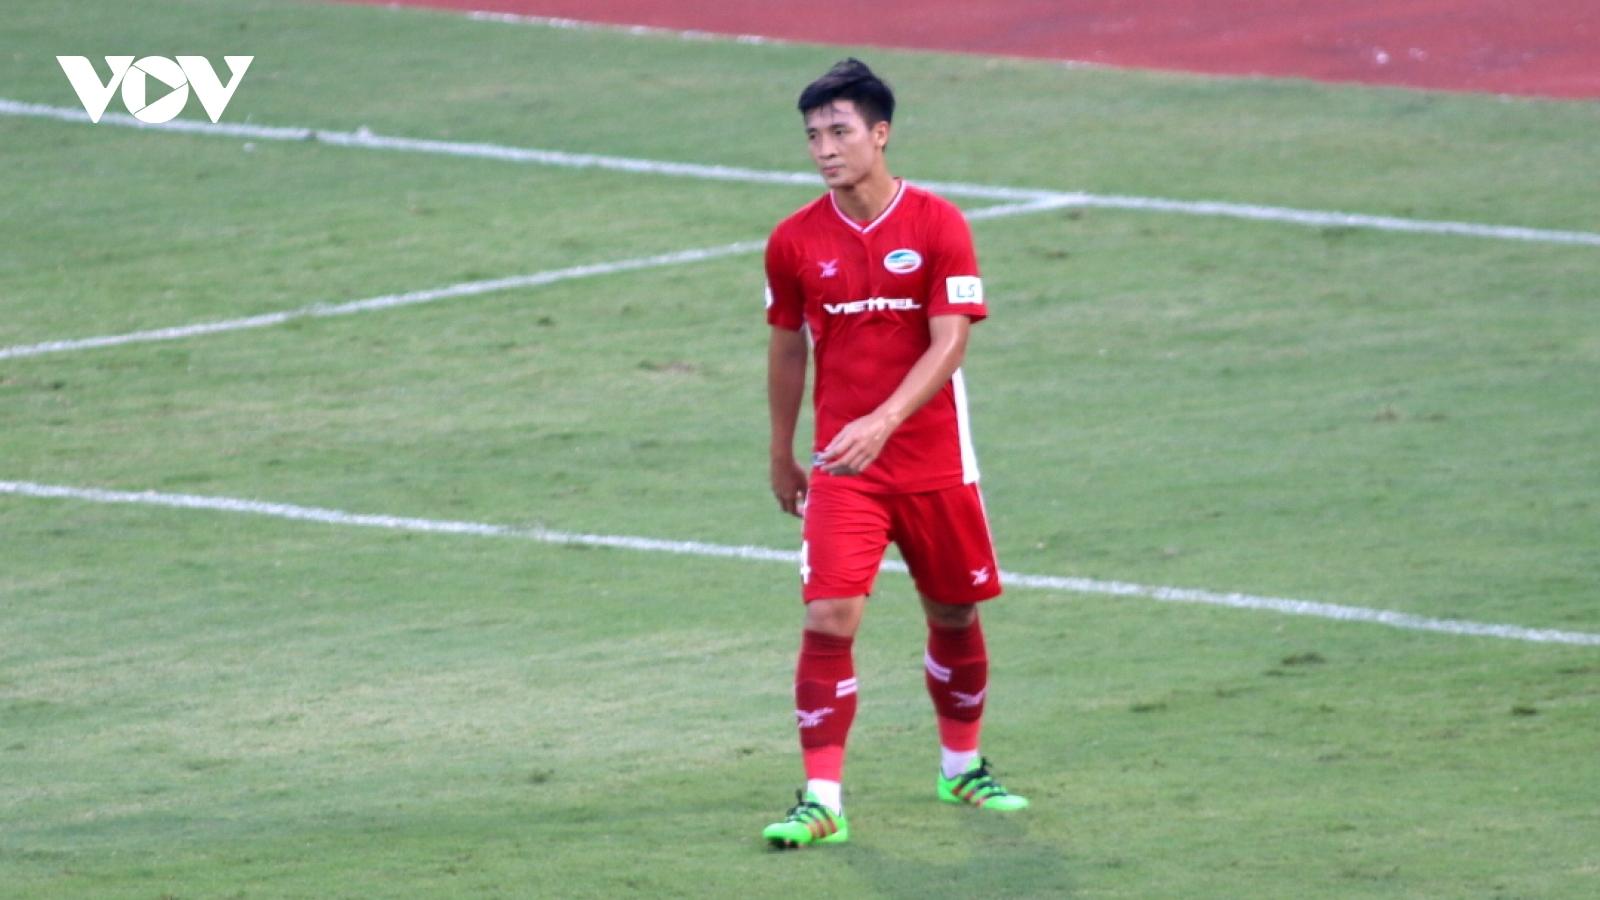 Thành Chung lại ghi bàn, Bùi Tiến Dũng phản lưới trong trận Hà Nội FC thắng dễ Viettel